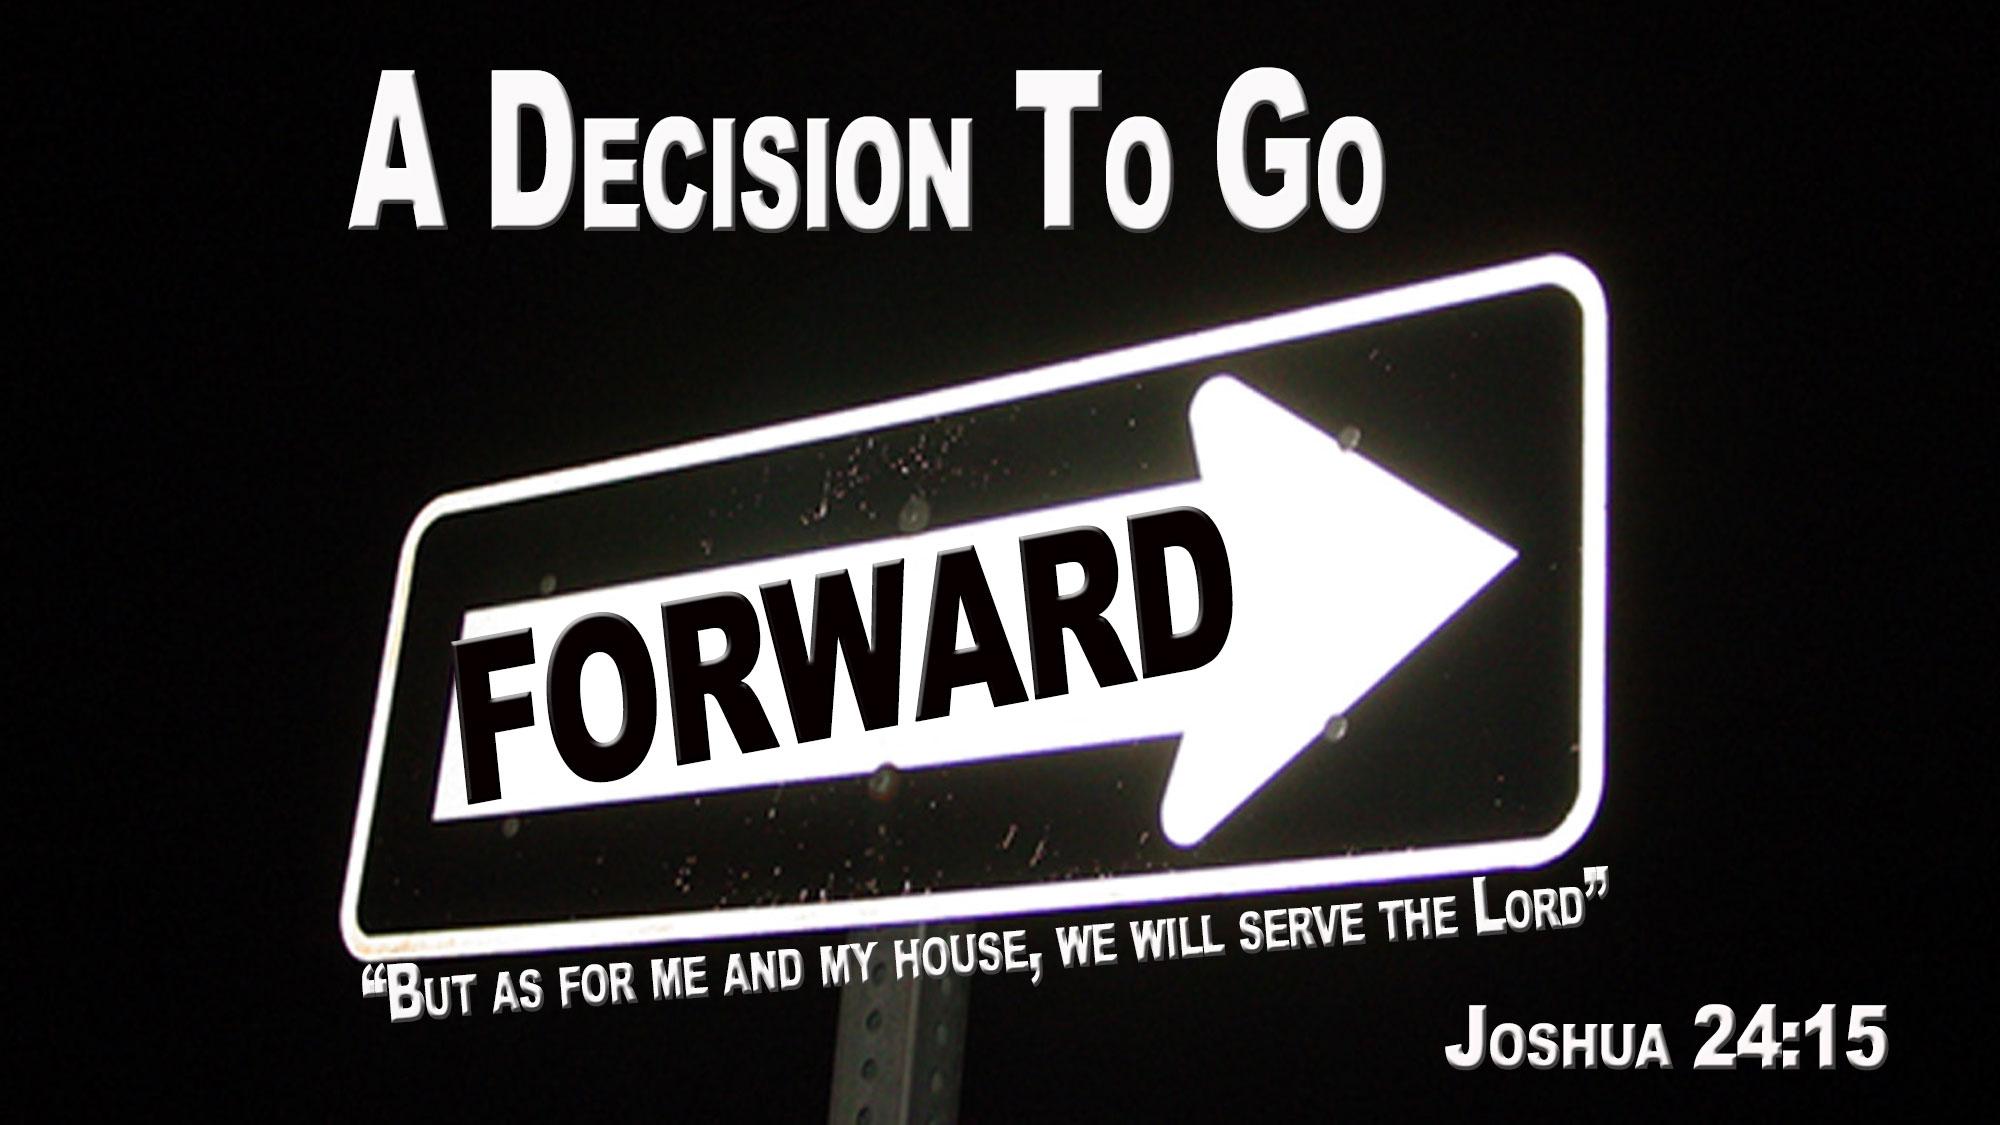 A DECISION TO GO FORWARD